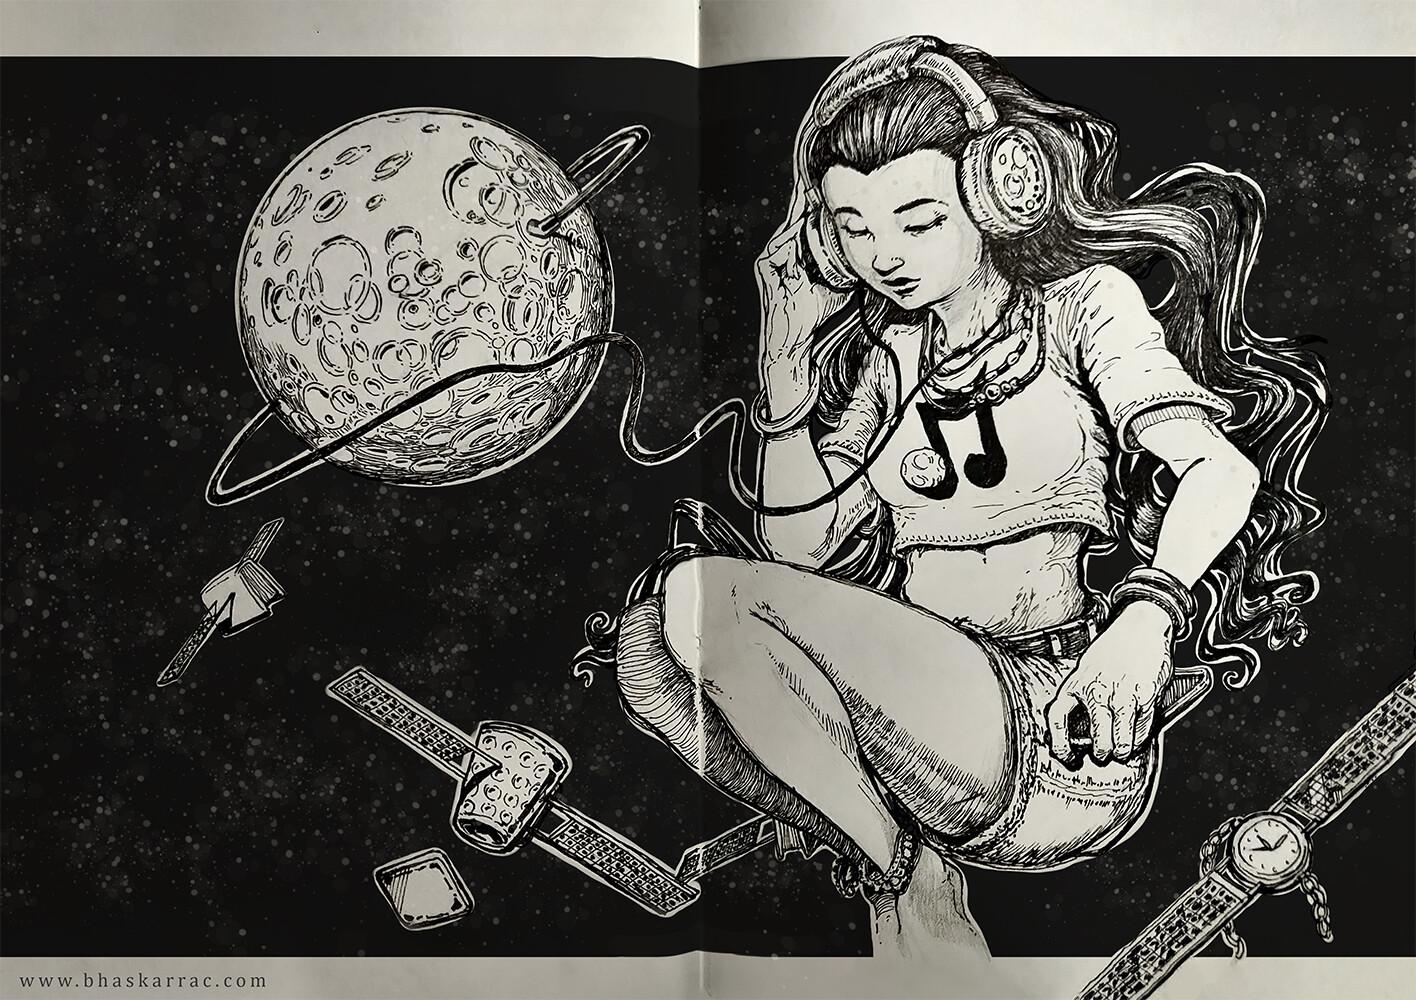 Plug into your fav moon